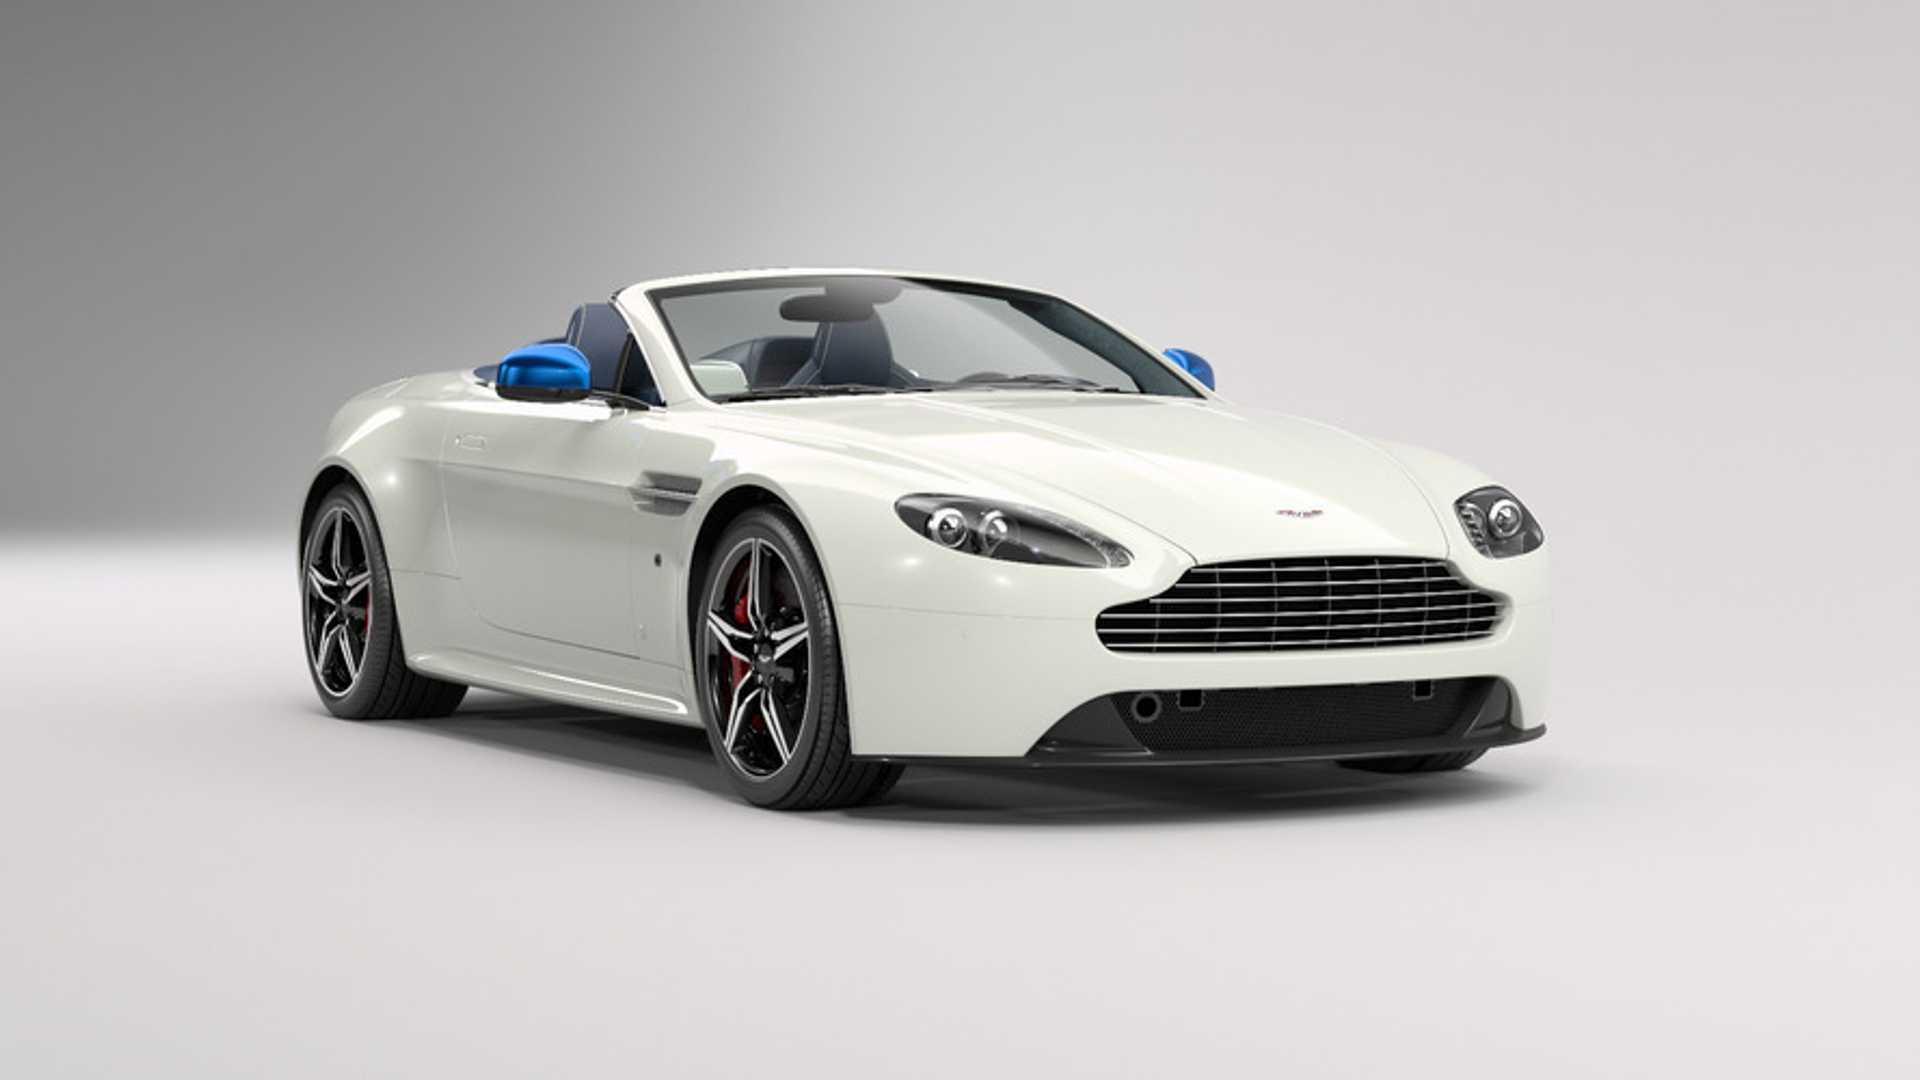 Aston Martin V8 Vantage S Gb Edition Celebrates British Culture